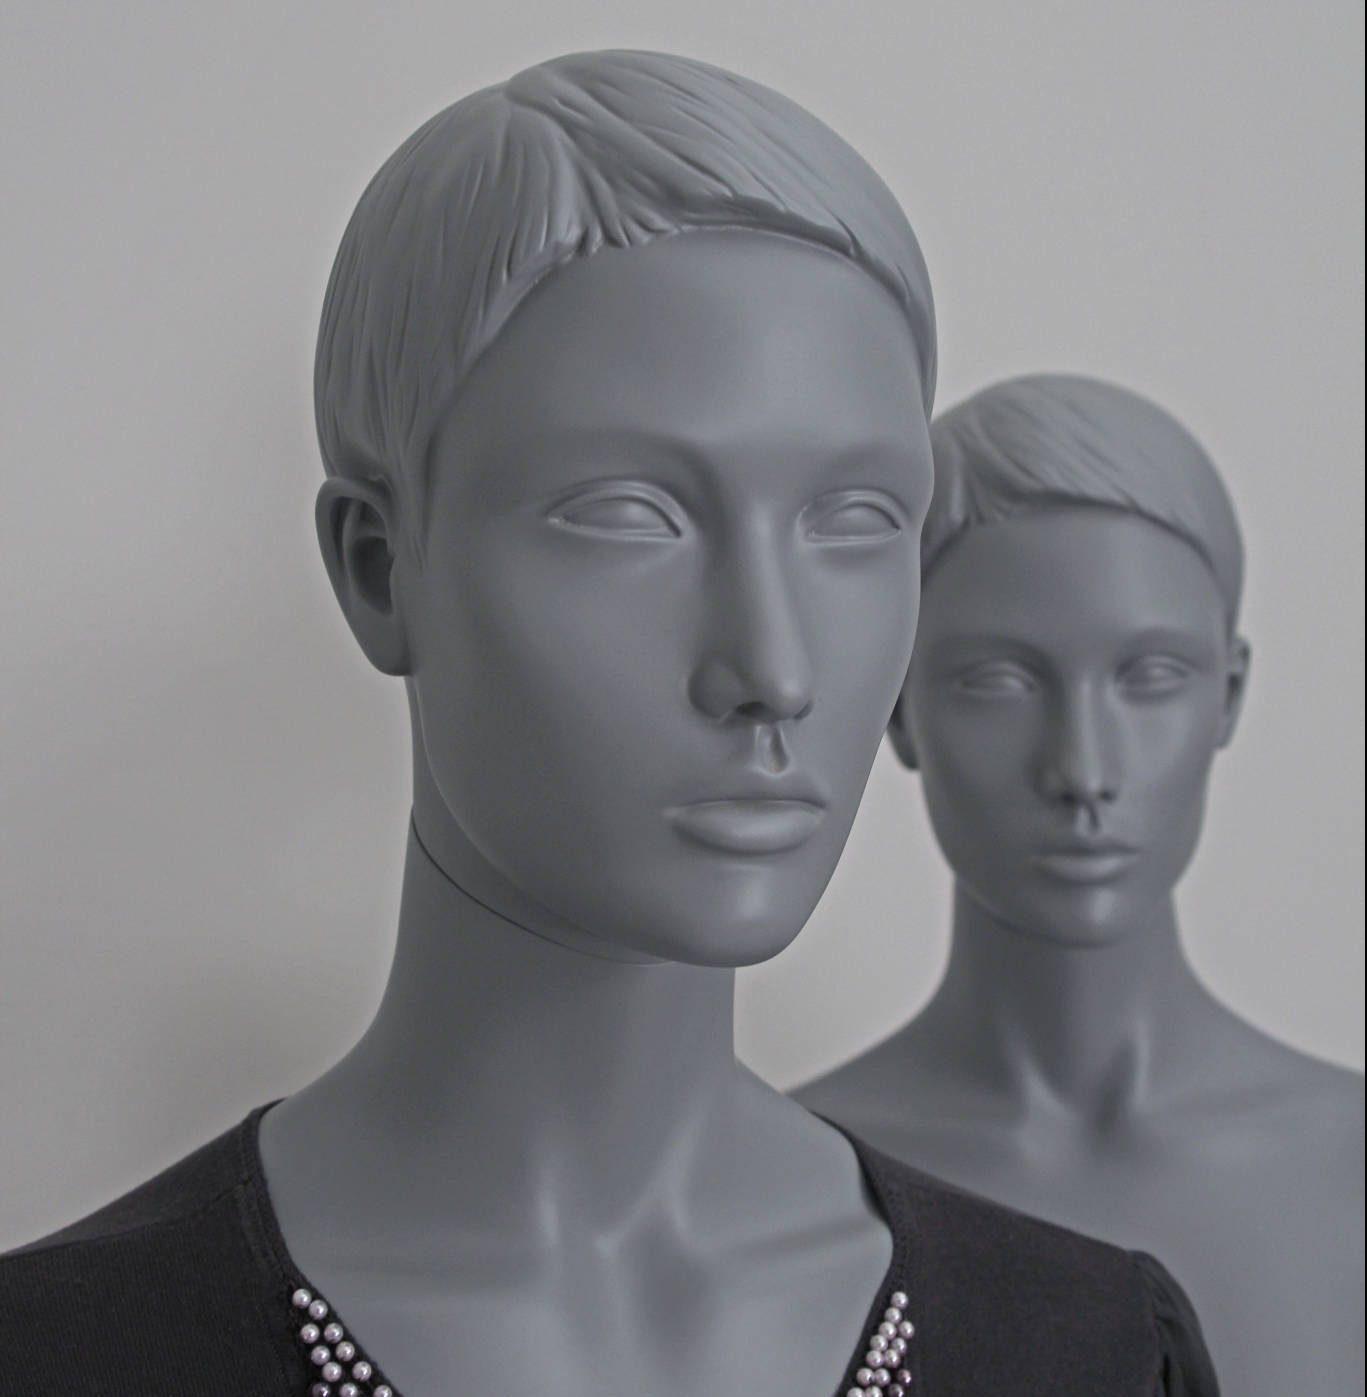 Sascha stilistisk mannequin. Mannequindukken kan leveres i alle mulige varer